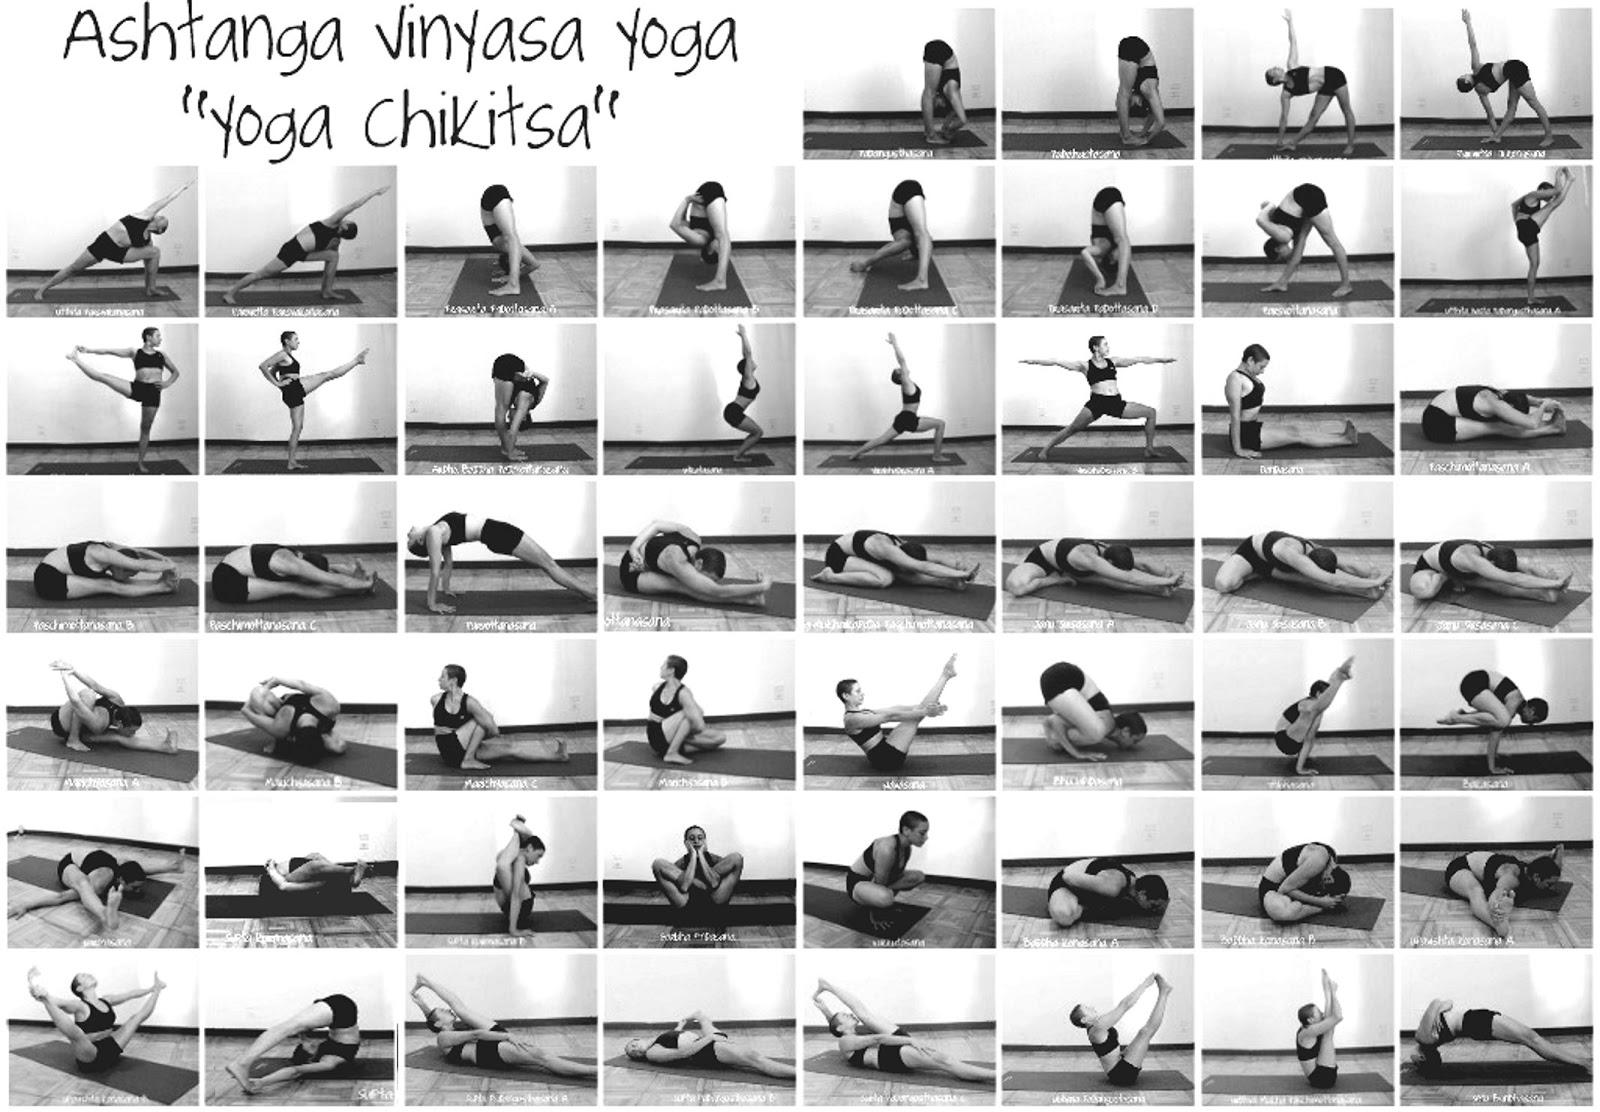 Ashtanga vinyasa yoga yoga chikitsa